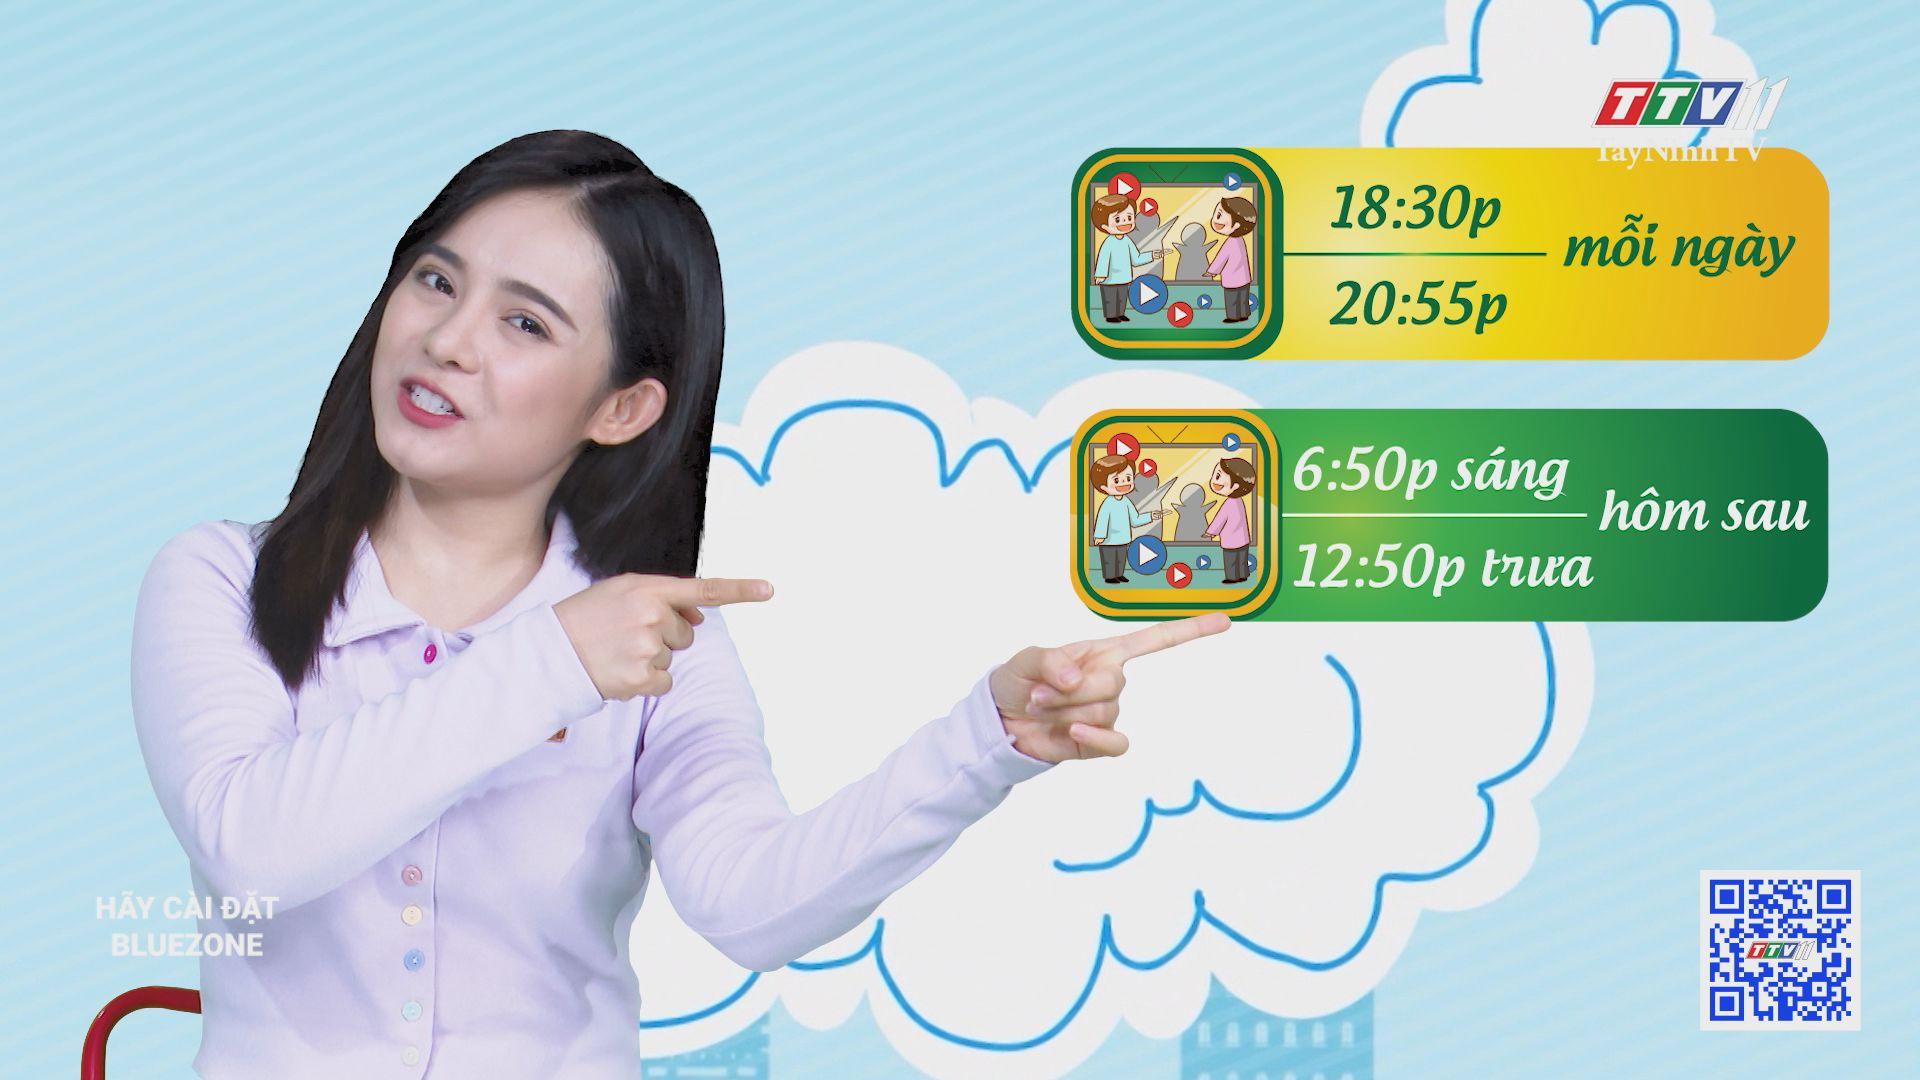 Chuyện Đông Tây Kỳ Thú 05-8-2020 | TayNinhTV